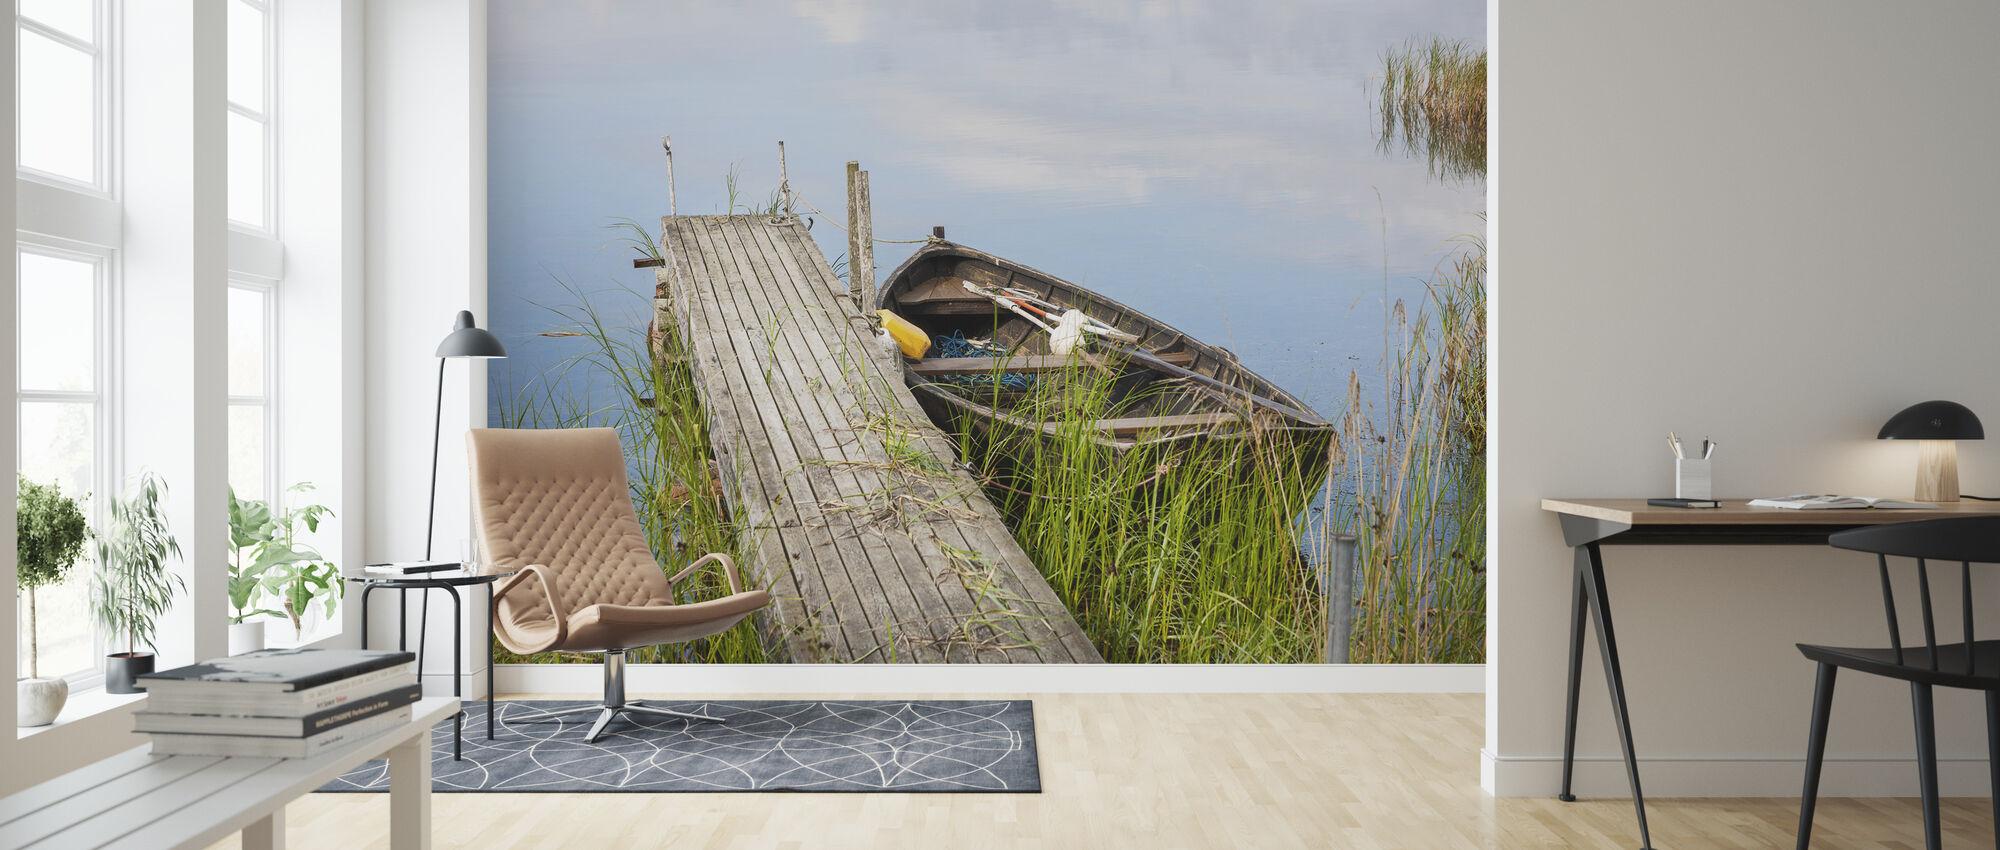 Summer - Wallpaper - Living Room